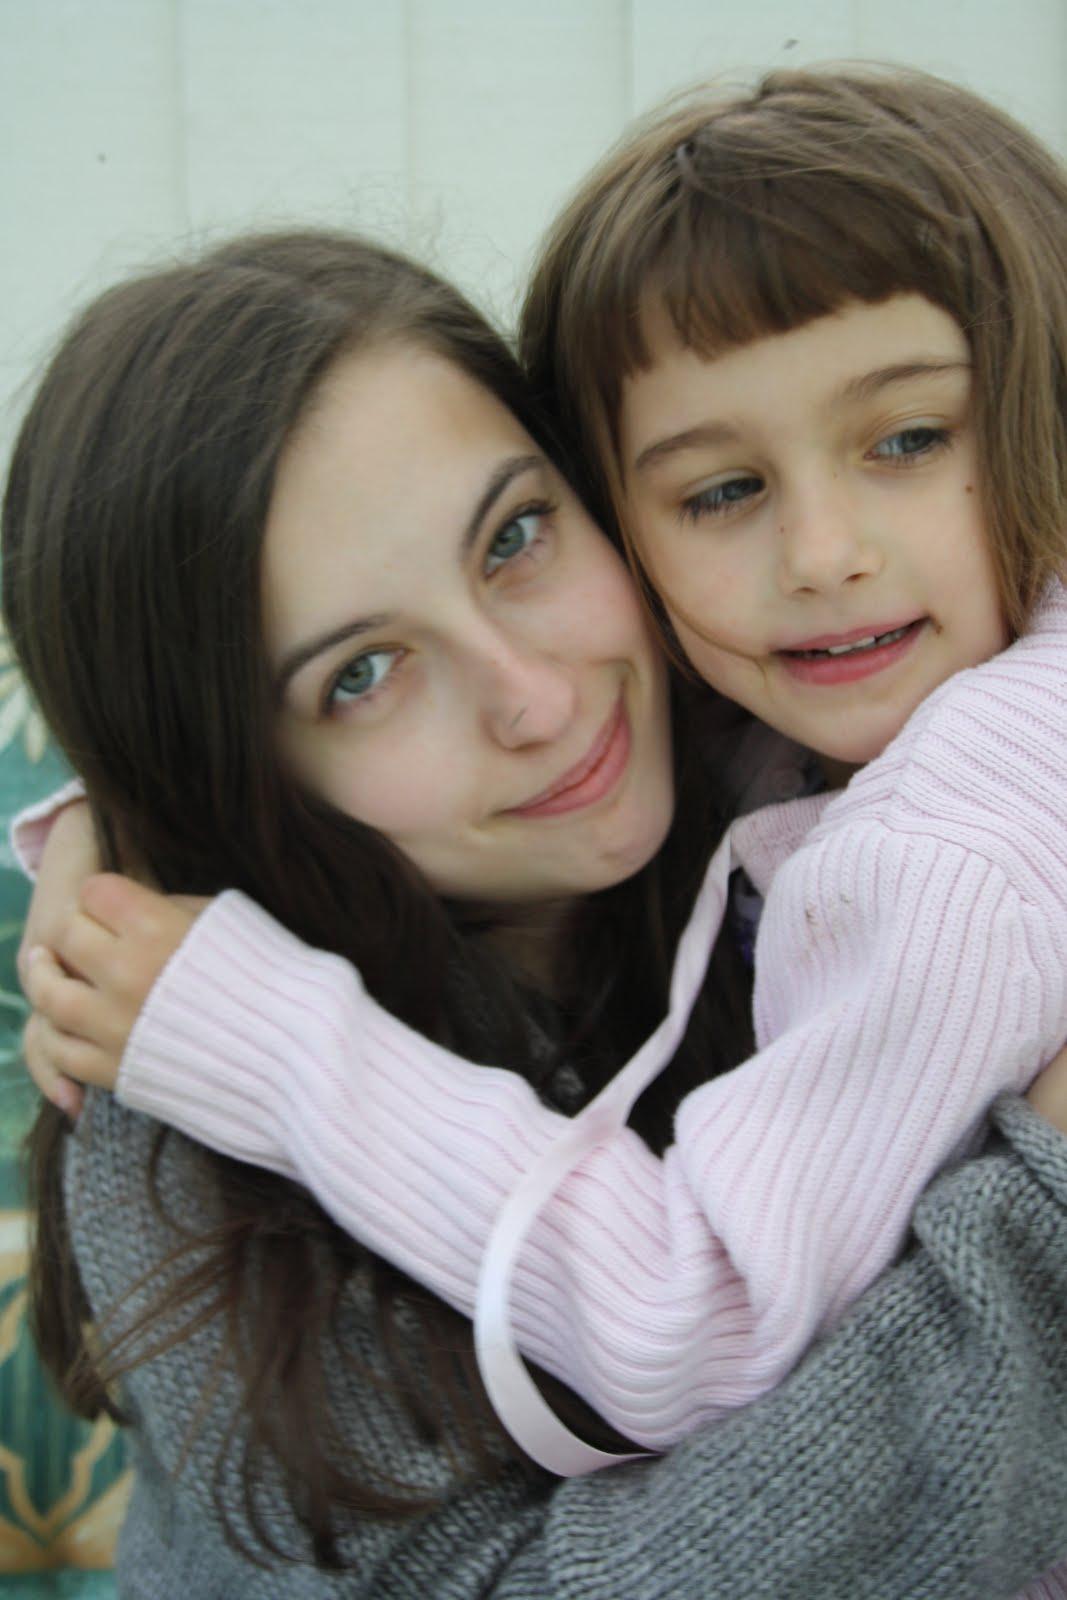 Syster yster och jag